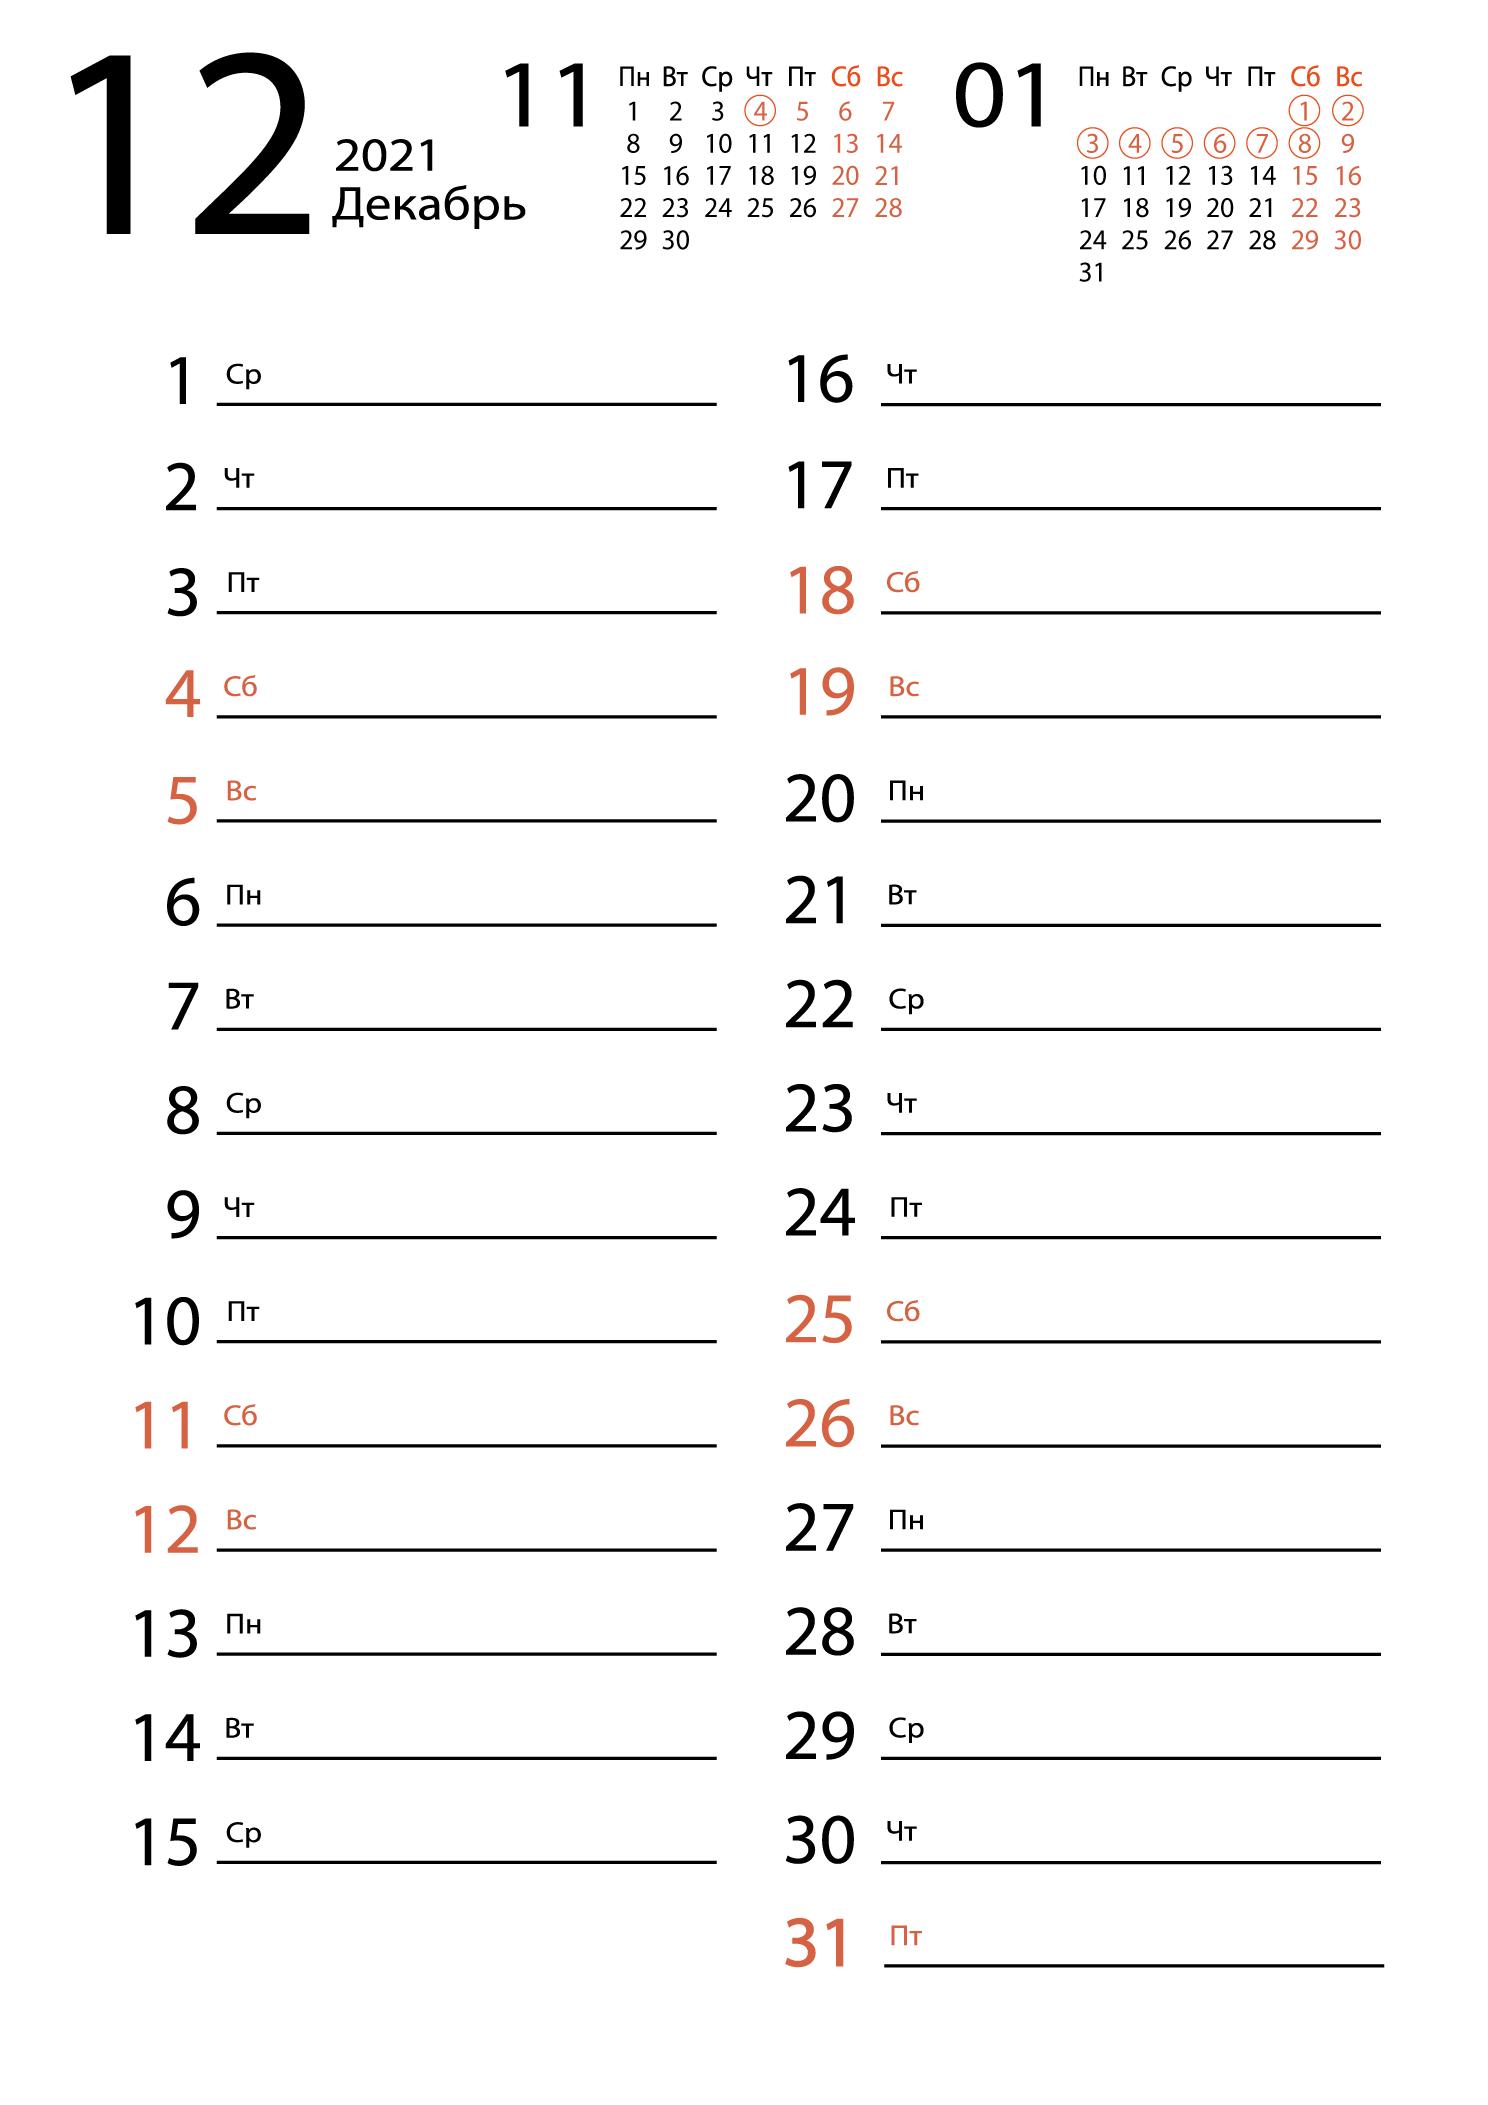 Печать календаря на декабрь 2021 для заметок